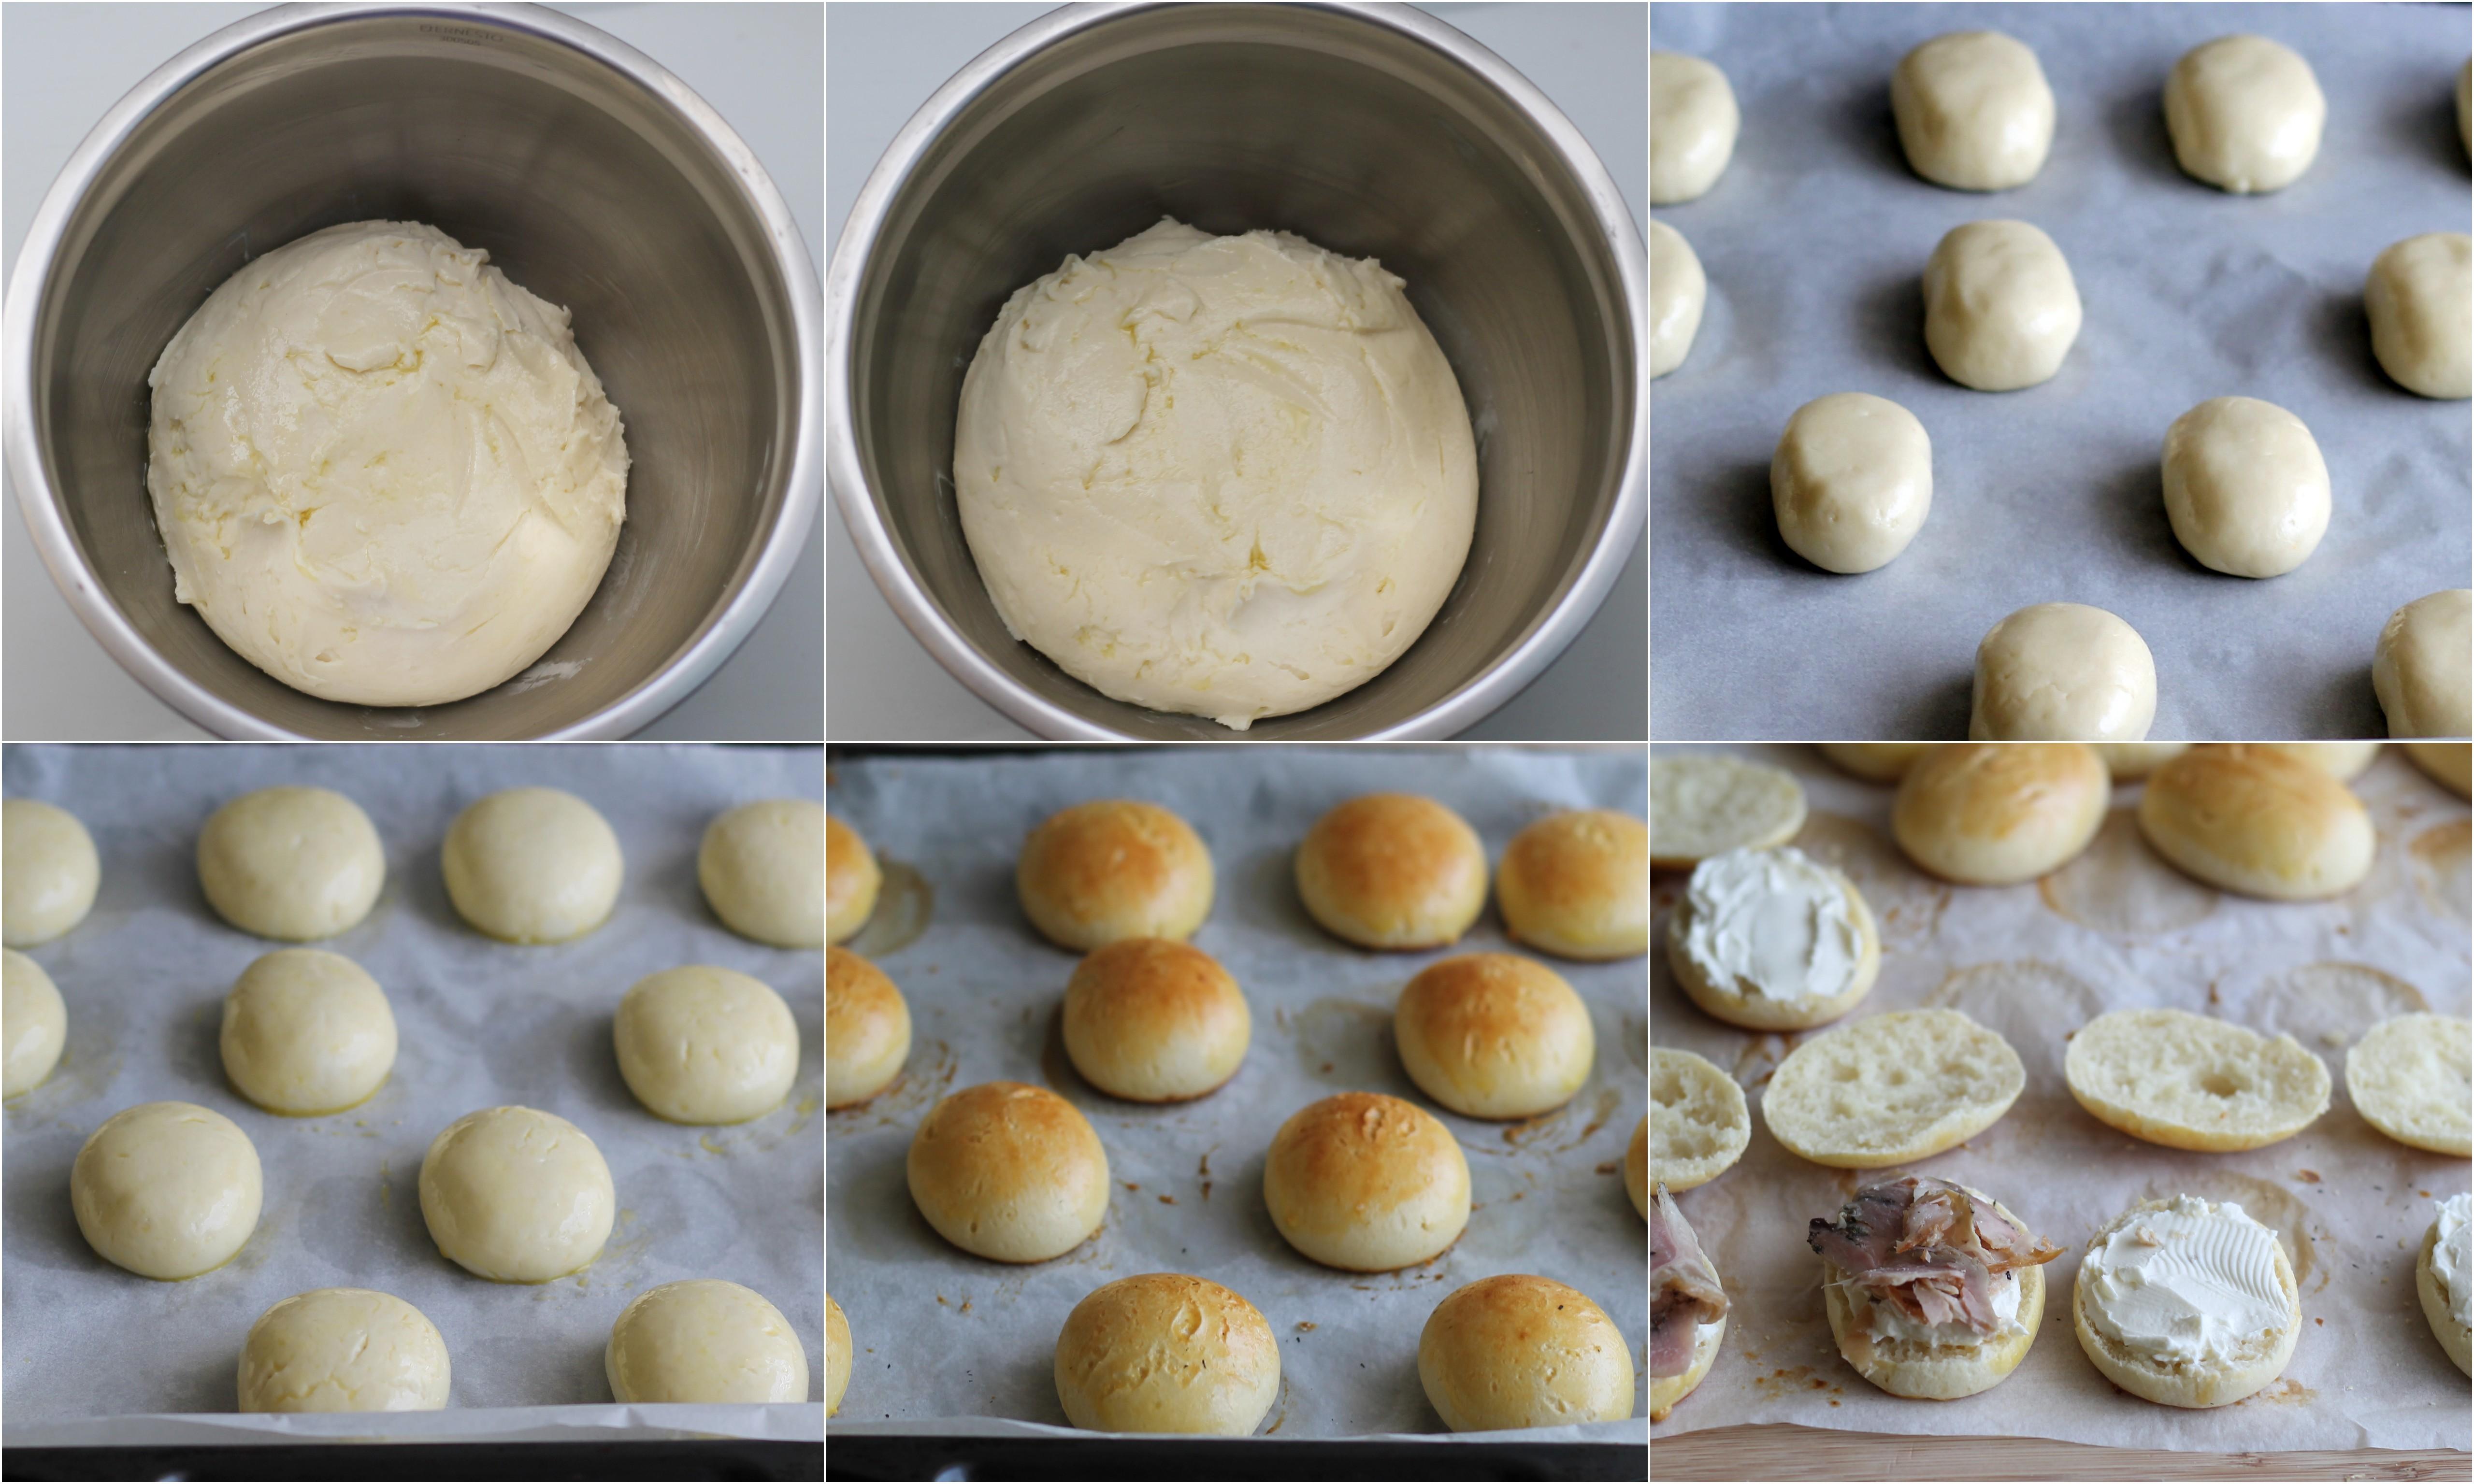 Versa il mix in ciotola, unisci lo zucchero e il latte tiepido nel quale avrai sciolto il lievito. Impasta molto bene finché non aotterrai una pasta liscia e collosa. Unisci il sale e il burro morbido a tocchetti ed impasta ancora molto affinché il burro venga incorporato. Ungi la ciotola e disponi lìimpasto al suo interno. Copri la ciotola con pellicola e lascia lievitare per circa 1,30/2 ore. Ungi la spianatoia con poco olio e sgonfia la pasta. Pesa 16 bocconcini di impasto di circa 30 grammi l'uno (se te ne rimane un pochino, dividilo per tutti i bocconcini). Lavora i pezzetti di impasto sulla spianatoia formando prima una pallina molto liscia che alllungherai leggermente. Disponi i panini ottenuti su di una placca da forno coperta da carta da forno, copri i panini con pellicola e con uno strofinaccio e lascia lievitare ancora per un'ora e mezza o due. Scalda il forno a 180°. Batti l'uovo e pennella la superficie dei panini. Cuoci per circa 15 minuti. Una volta tiepidi, puoi tagliare i panini e farcirli con formaggio e porchetta. Sulla parte superiore pratica due piccoli incisioni con la punta di un coltello e infilza due salinis (tagliane un piccolissima parte in modo da porterli infilzare bene). Ritaglia 32 piccole rondelline di formaggio (io ho usato la punta tonda di un beccuccio liscio di circa 1/2 cm) e incollale come fossero gli occhi usando pochissimo formaggio spalmabile come colla. Usando uno stuzzicadenti, forma il nero degli occhi con la pasta di olive. Infine ritaglia dei piccoli tondini di pomodori che incollerai a mò di naso.